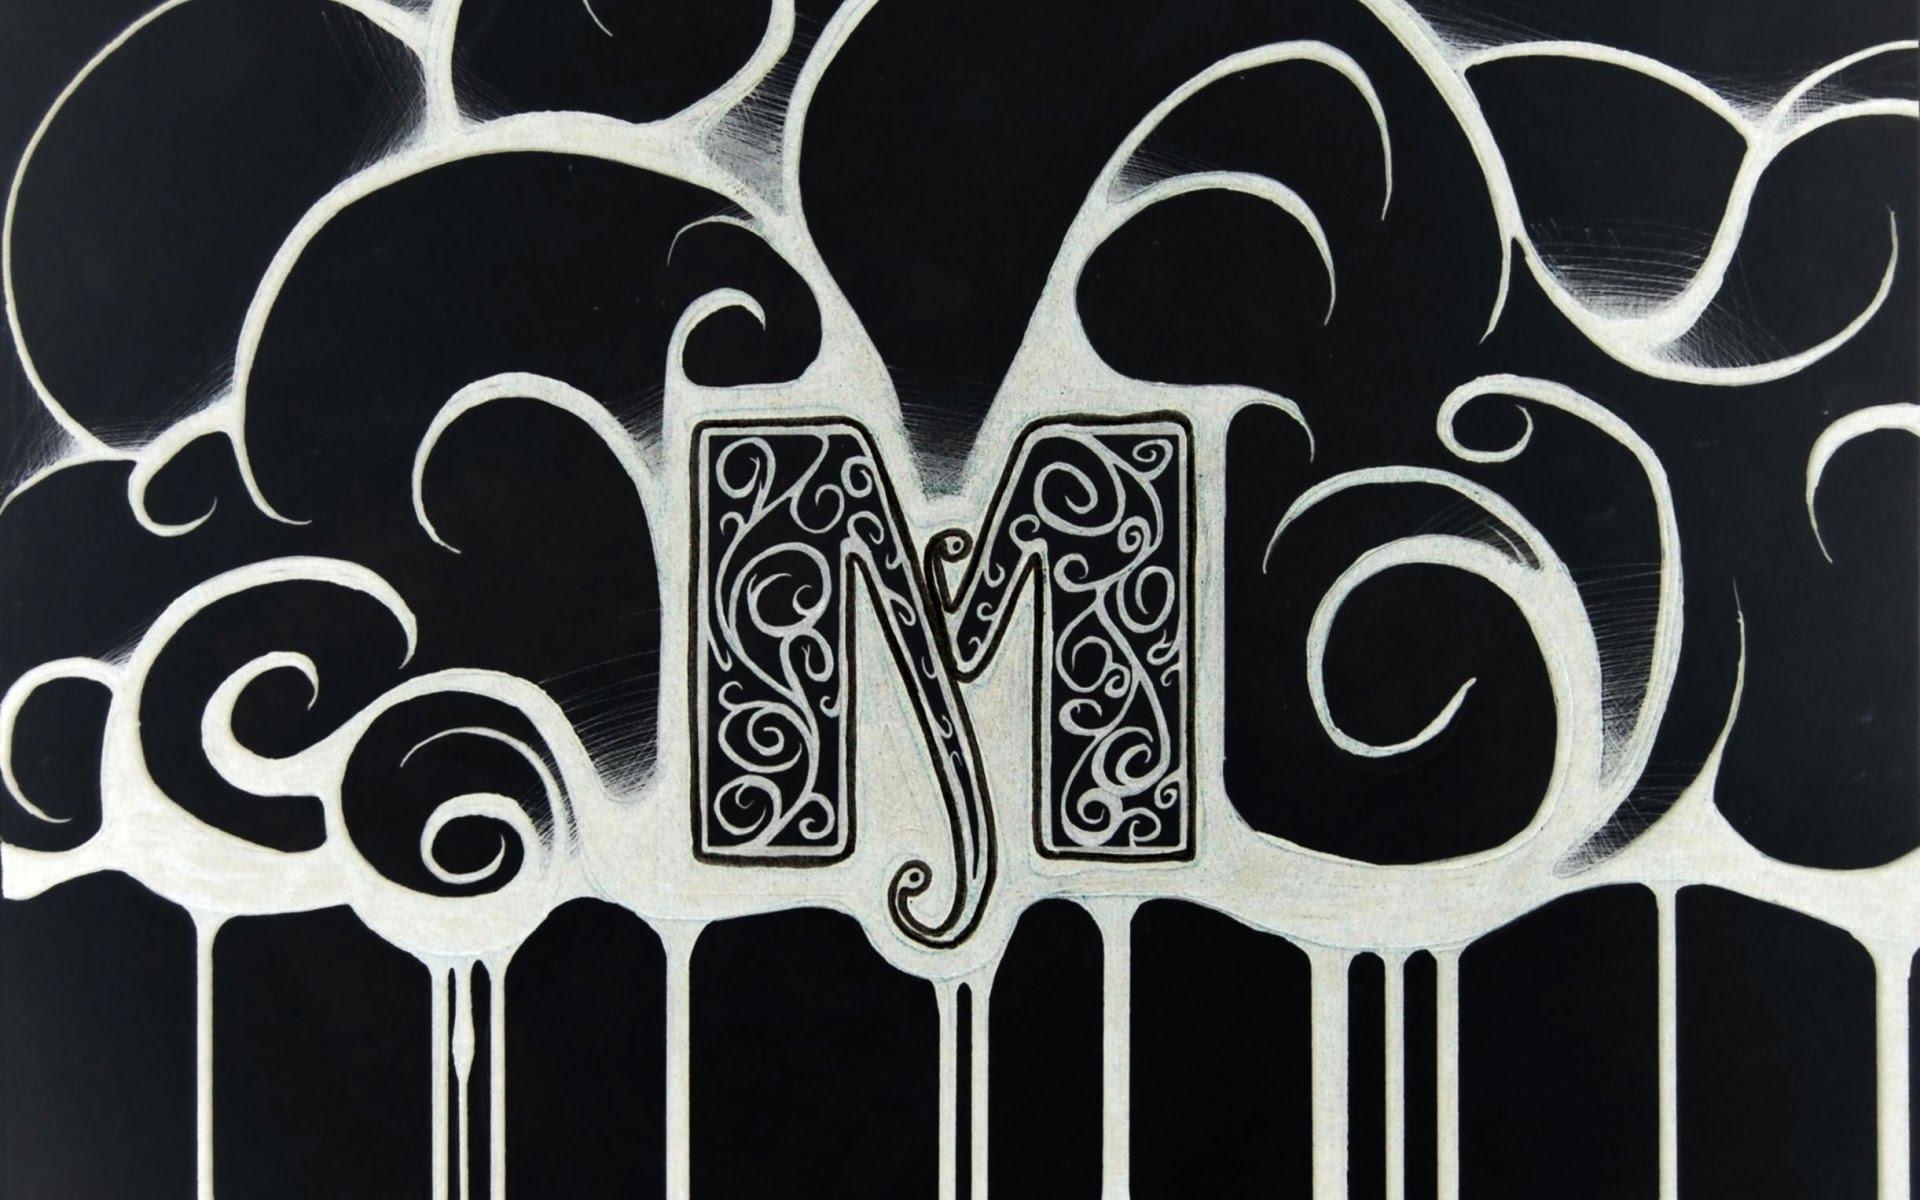 صوره خلفيات حرف m , صور جميله لحرف m